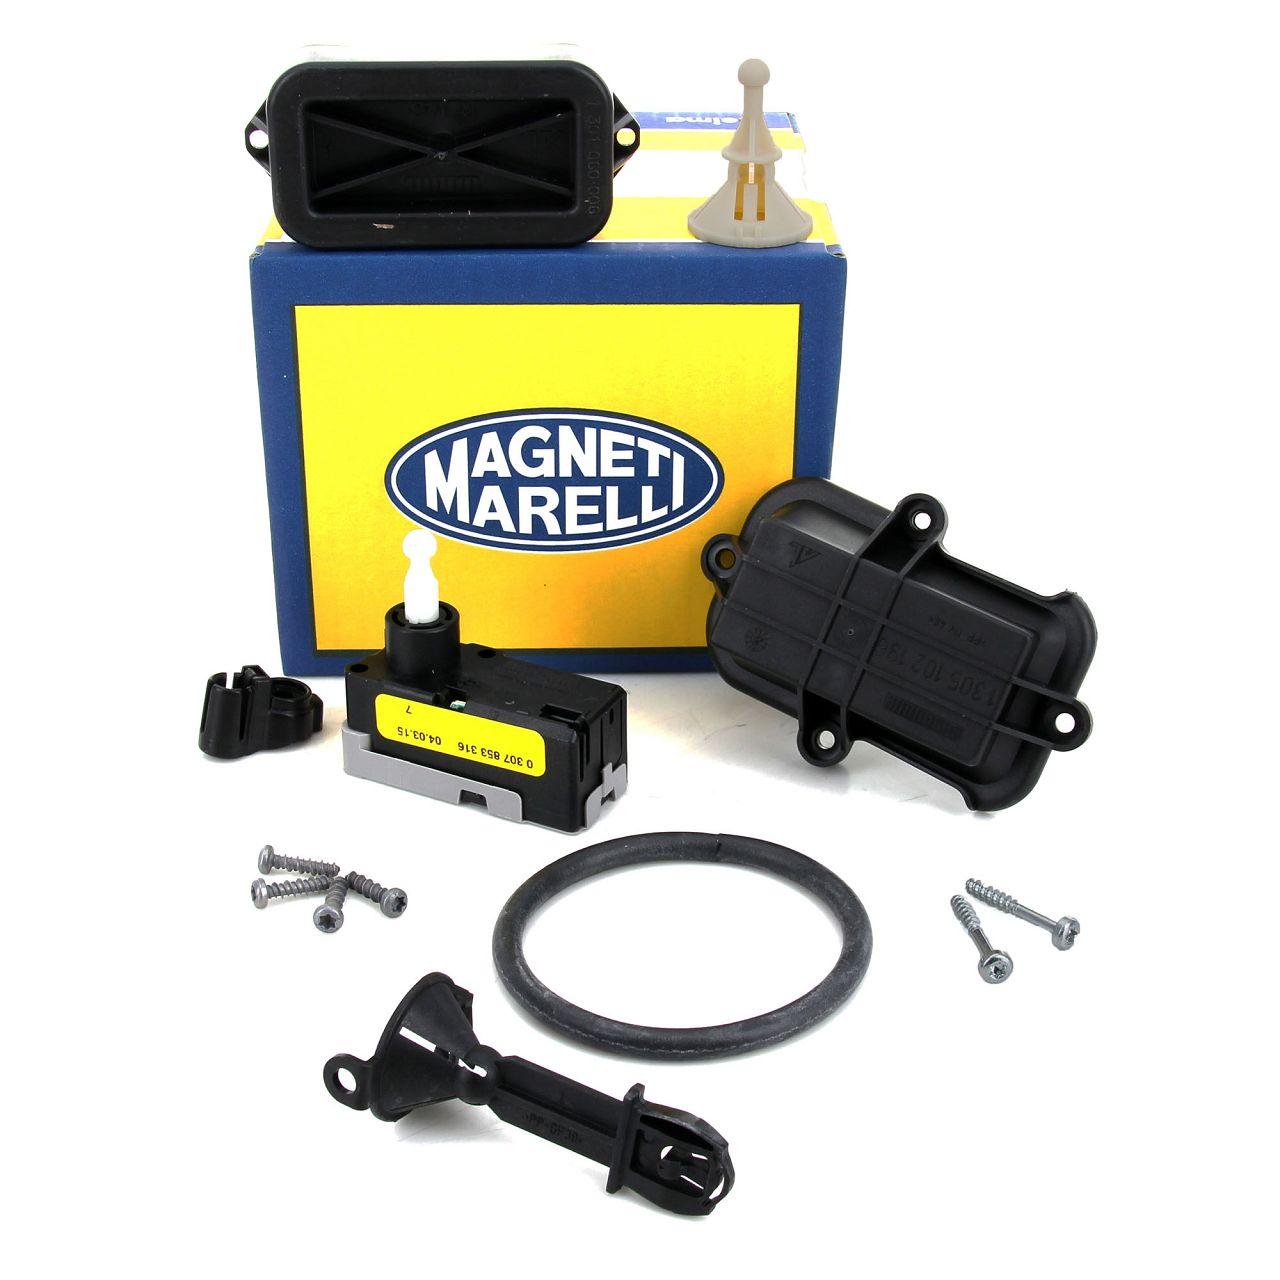 MAGNETI MARELLI Stellmotor Scheinwerfer Leuchtweitenregulierung für OPEL CORSA C